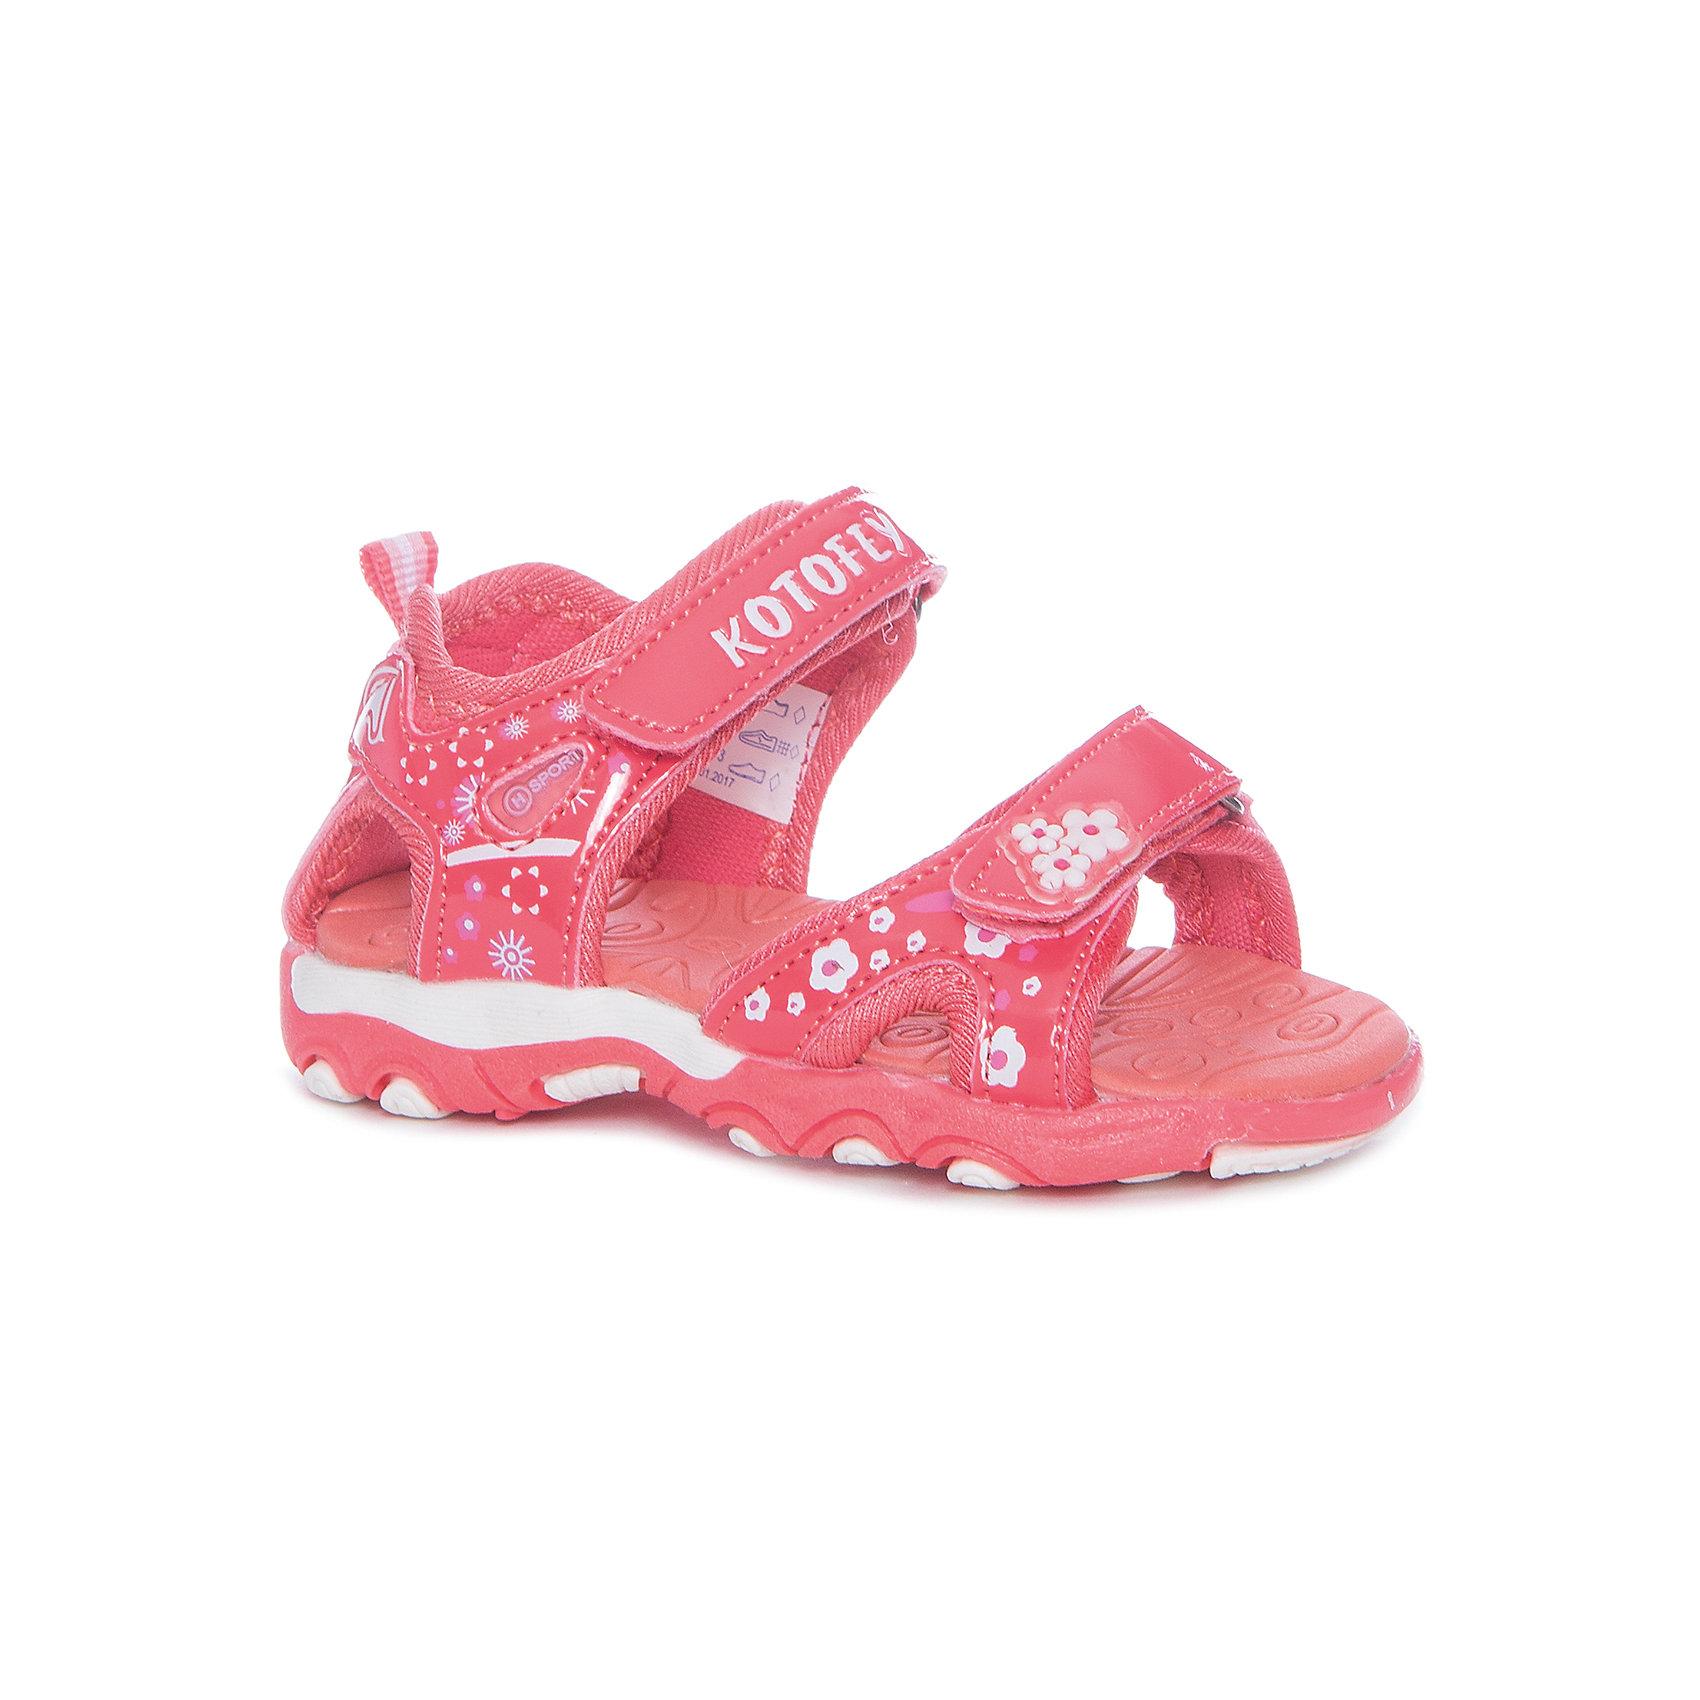 Сандалии для девочки КотофейПляжная обувь<br>Сандалии для девочки Котофей<br>Самая летняя и очень легкая обувь! Сандалии имеют небольшой мягкий задник и открытый нос. Украшены стильными контрастными цветами, строчками и декоративными элементами. Выполнены из износостойкой и надёжной искусственной кожи. Подошва этой модели анатомическая, учитывает особенности стопы, выполнена из термоэластопласта, с текстильным материалом подкладки. Две удобные \липучки\, максимально комфортно и быстро регулируют обувь на ноге. Эти сандалии прекрасно подойдут для походов в бассейн или на пляж в жаркие летние дни!<br>Материал верха<br>    3 Искусственная кожа<br><br>Материал подклада<br>    1 Текстильная<br><br>Материал подошвы<br>    ТЭП<br><br>Ширина мм: 219<br>Глубина мм: 154<br>Высота мм: 121<br>Вес г: 343<br>Цвет: розовый<br>Возраст от месяцев: 21<br>Возраст до месяцев: 24<br>Пол: Женский<br>Возраст: Детский<br>Размер: 24,22,23<br>SKU: 6673494